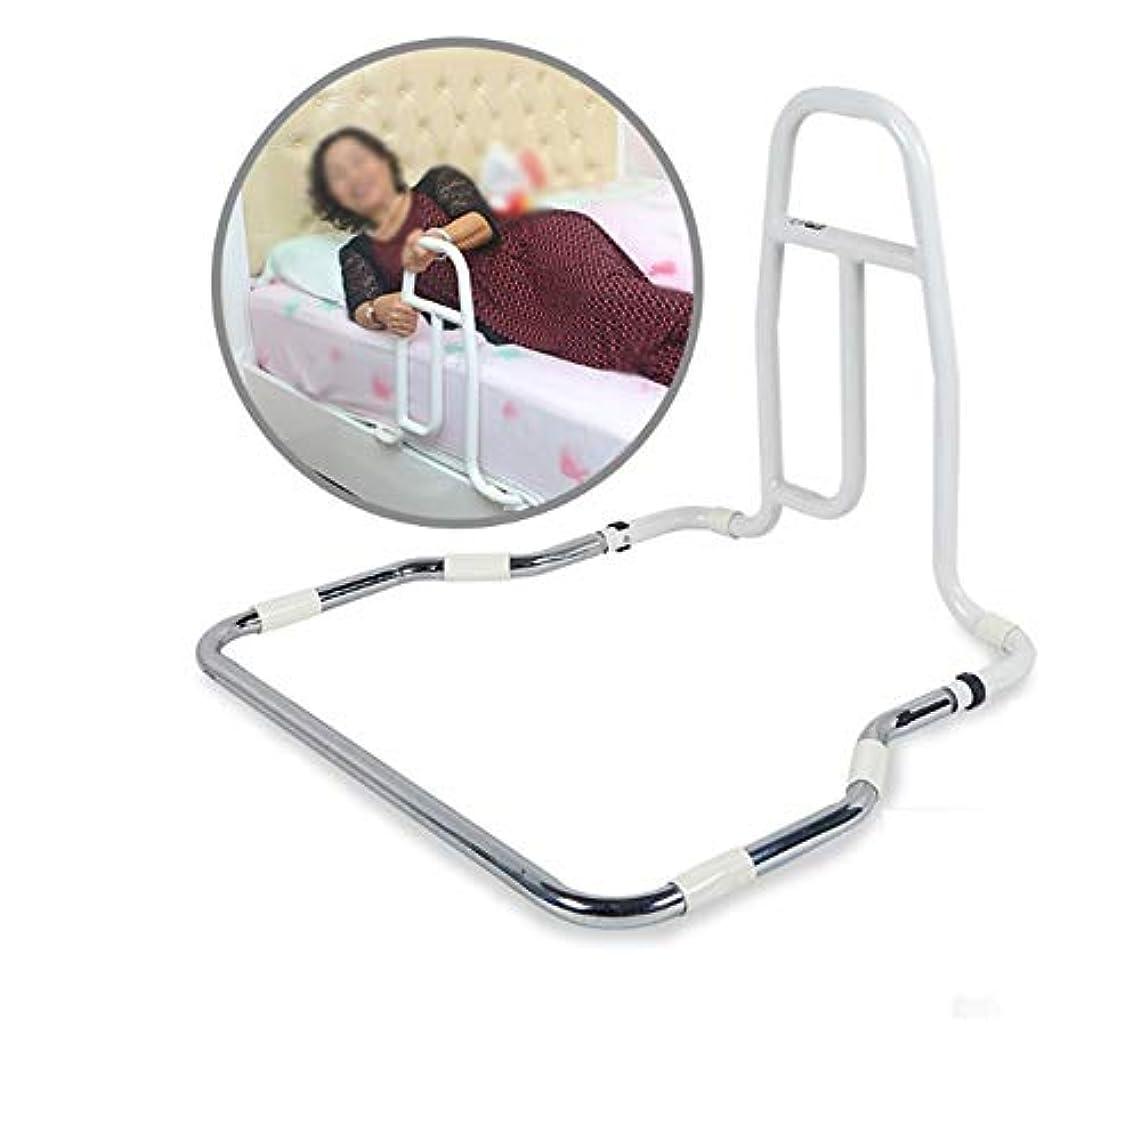 開示する育成全体ベッドグラブレール、安全な高さ調節可能なレール、ベッドの出入りを支援、安定補助具、高齢者用、身体障害者、障害者、ディバンベッドグラブハンドル